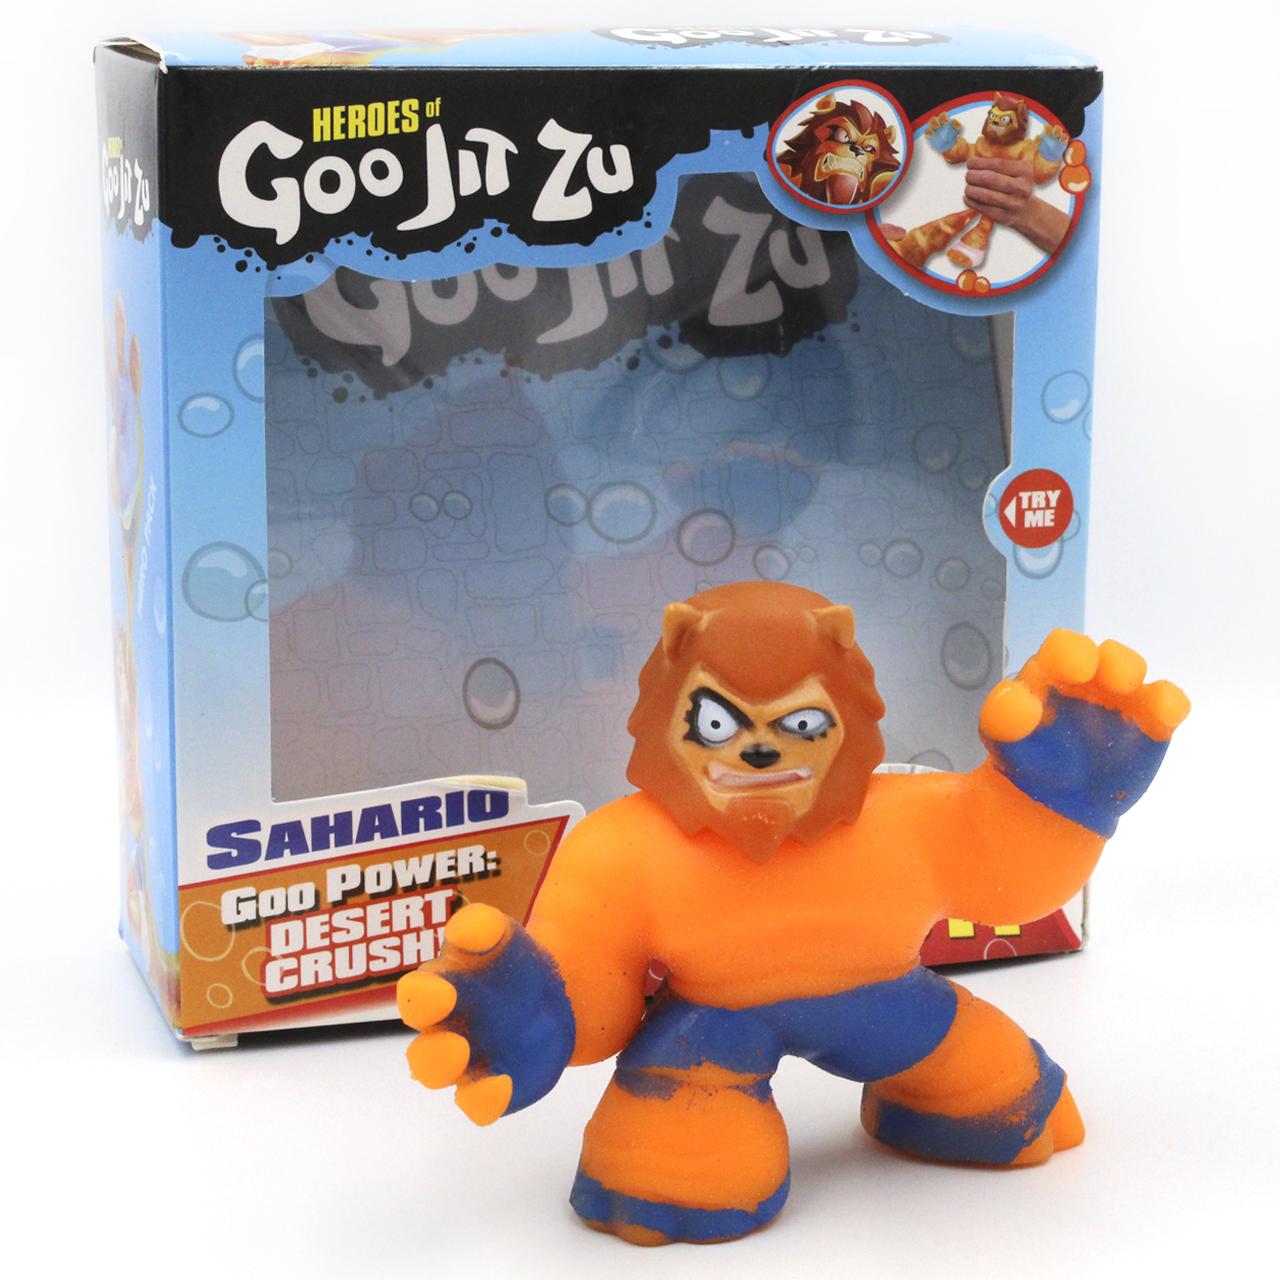 Гуджитсу герои игрушки Стретч-антистресс Goo Jit Zu игрушка тянучка супергерой Сахарио